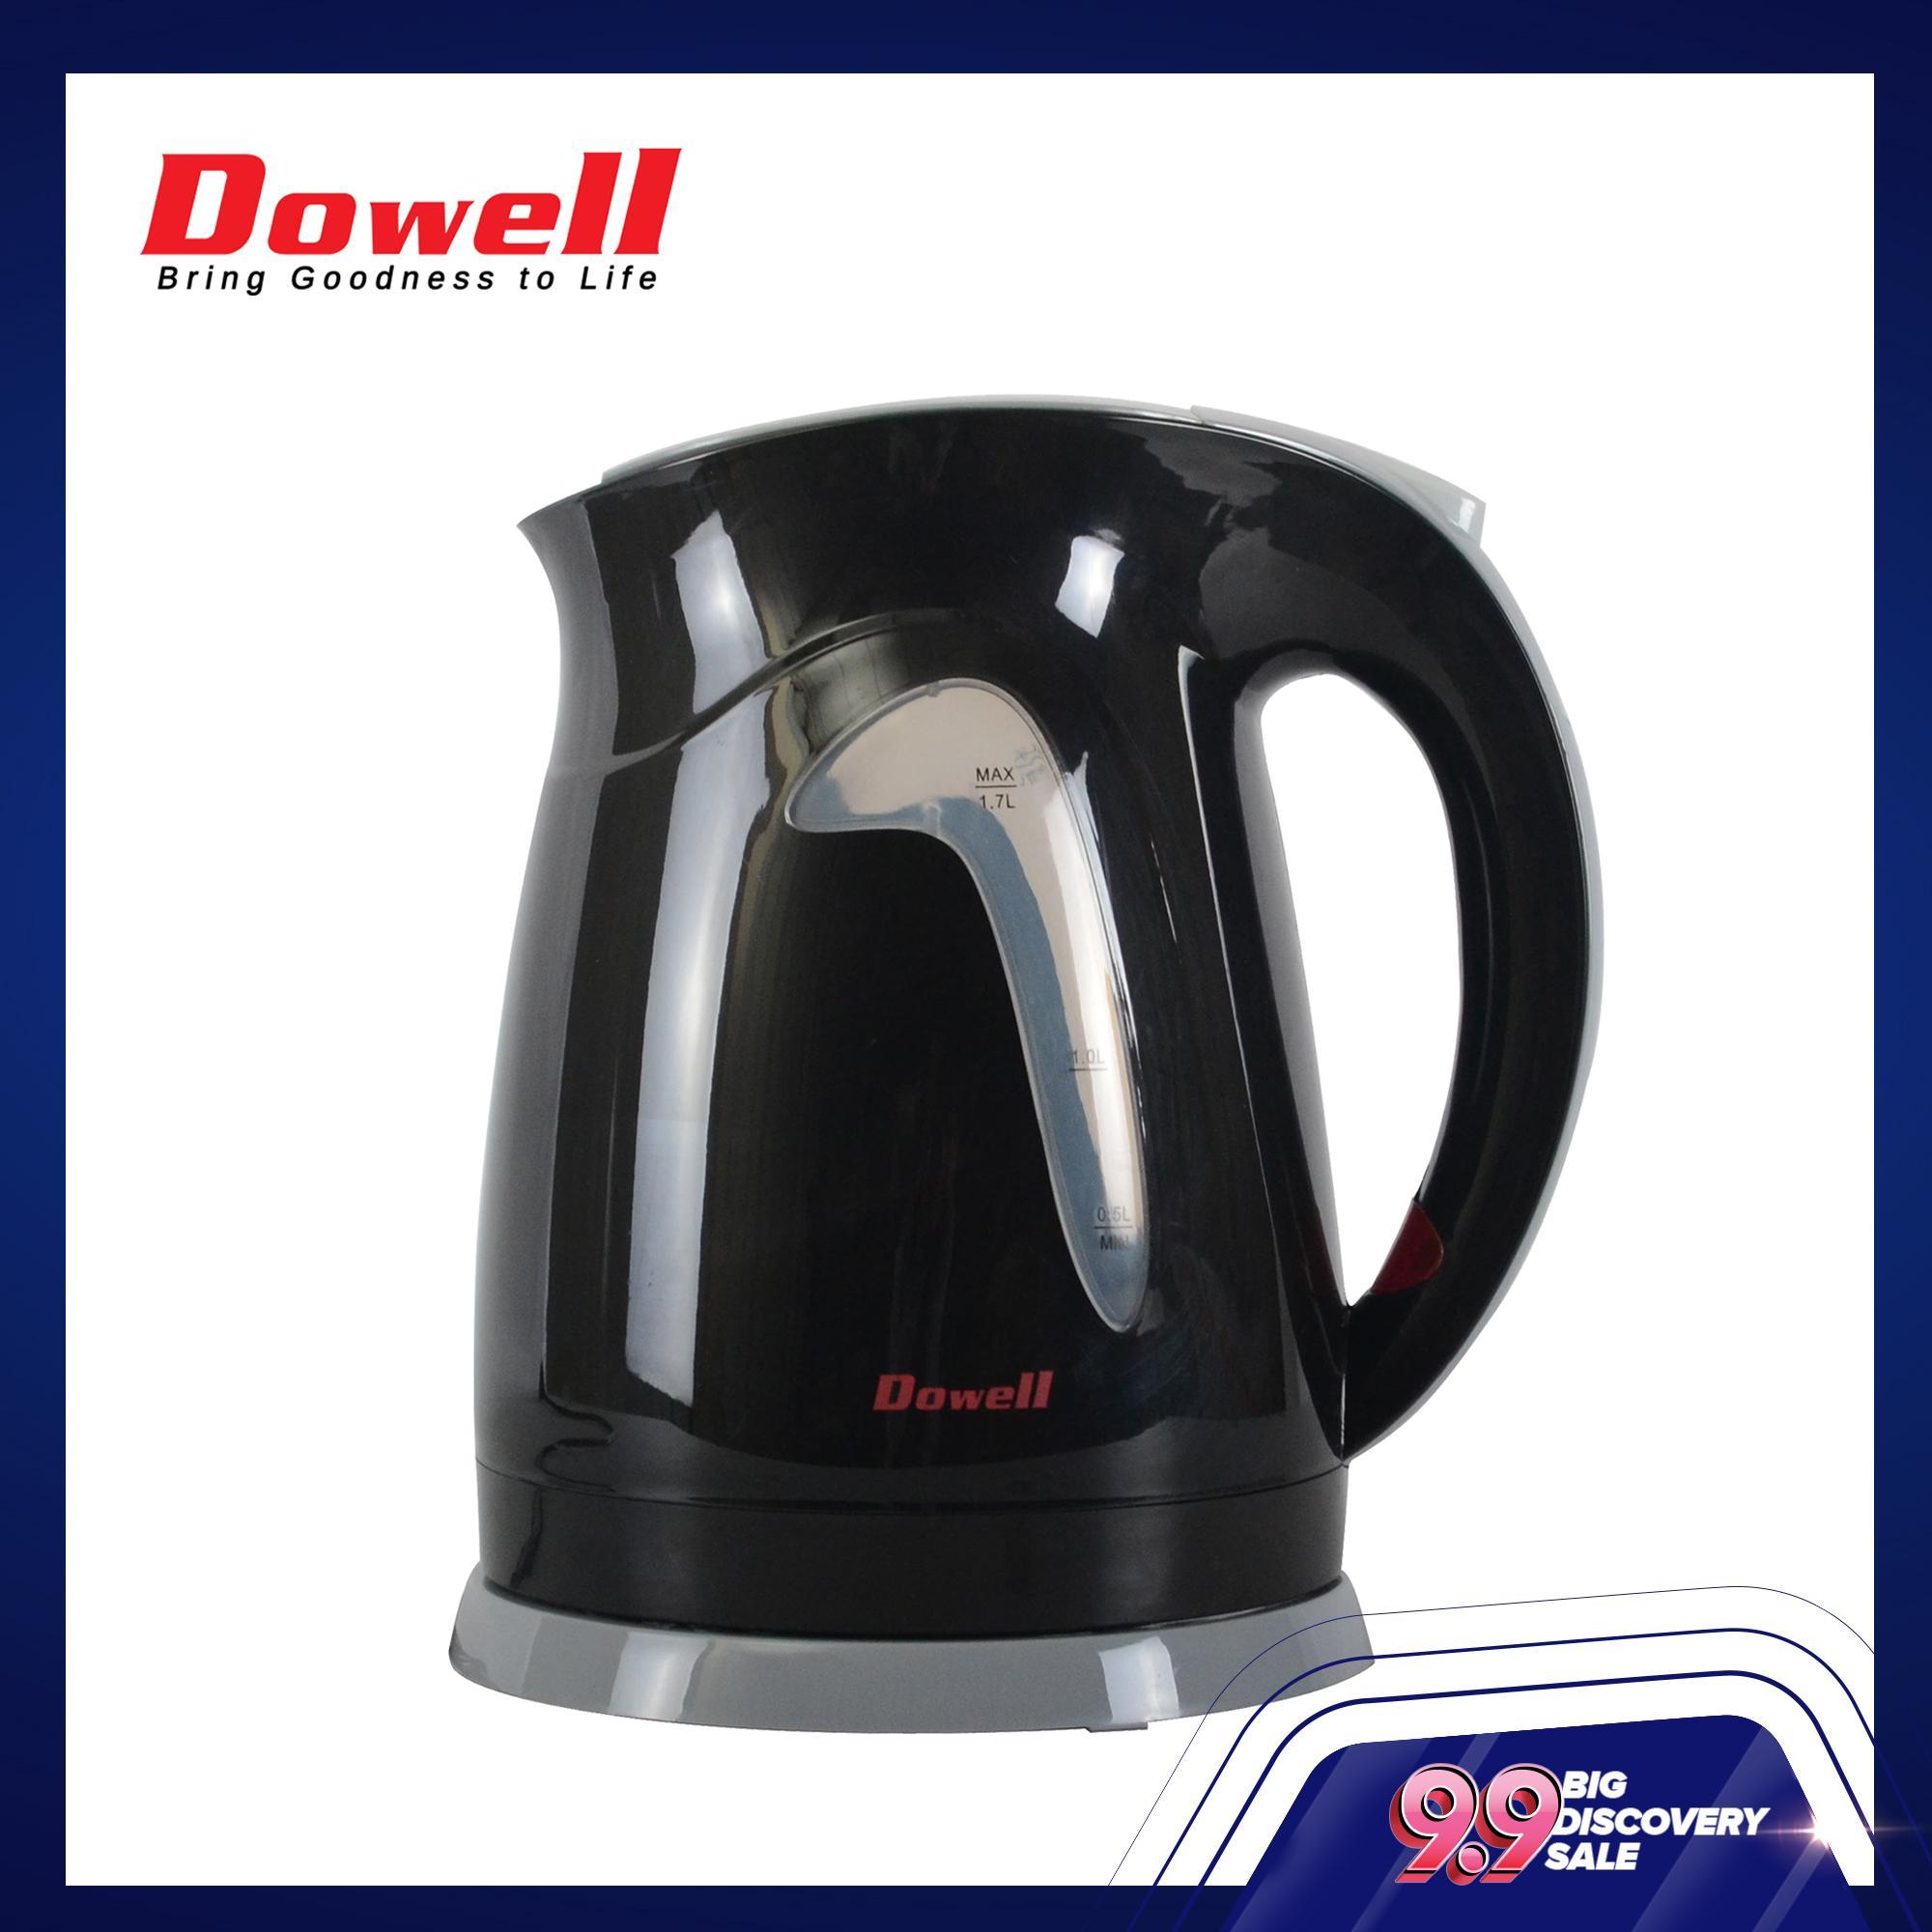 Dowell Ek 176 1 7 Liter Electric Water Heater Kettle